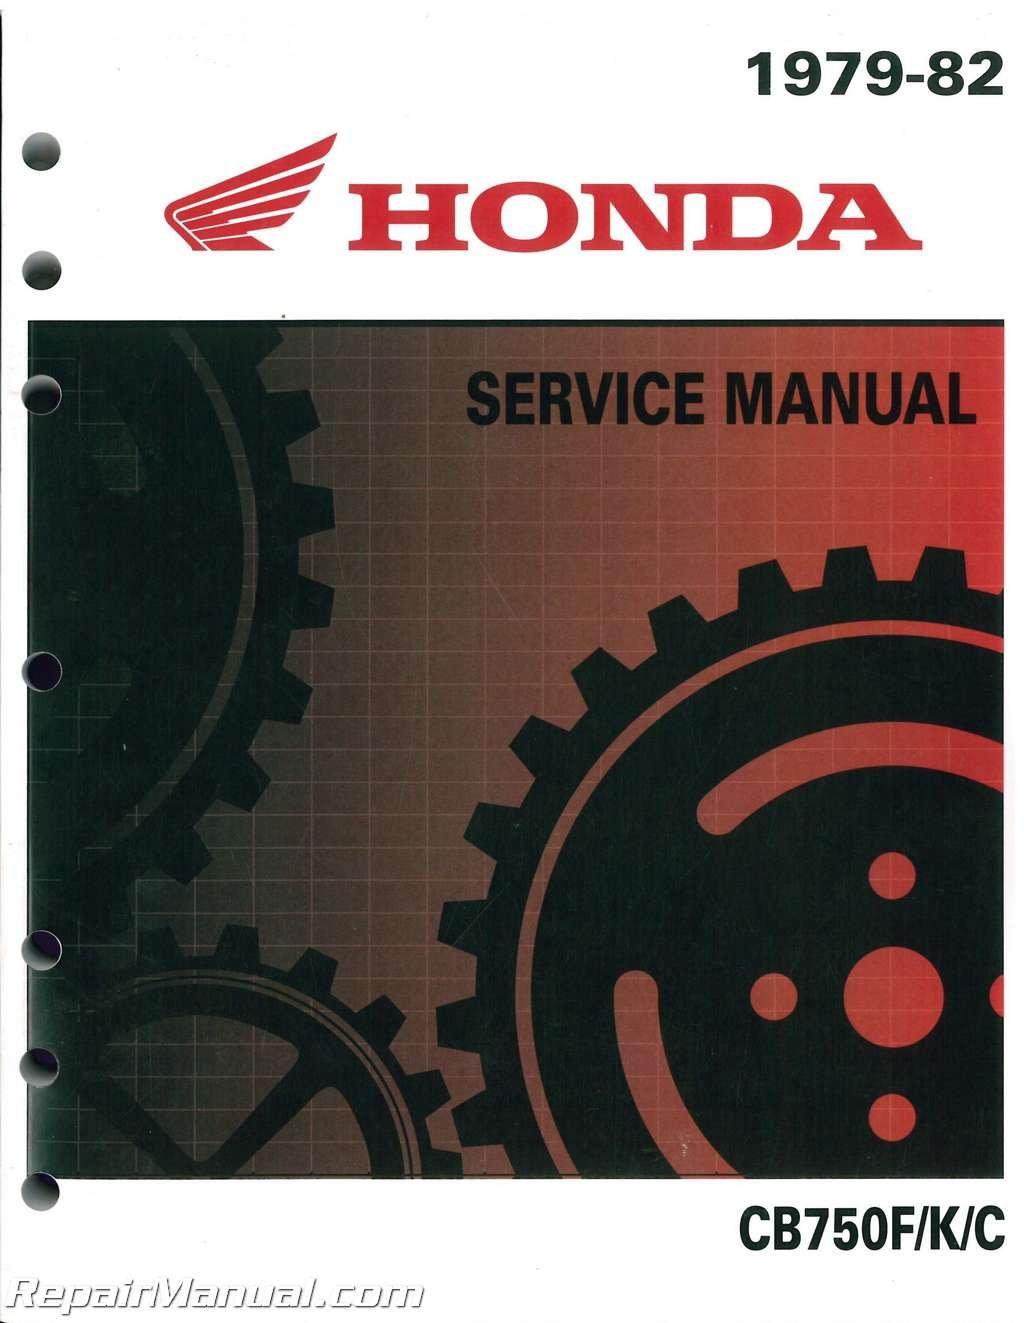 6142506y 1979 - 1982 honda cb750 motorcycle service manual paperback – 2004